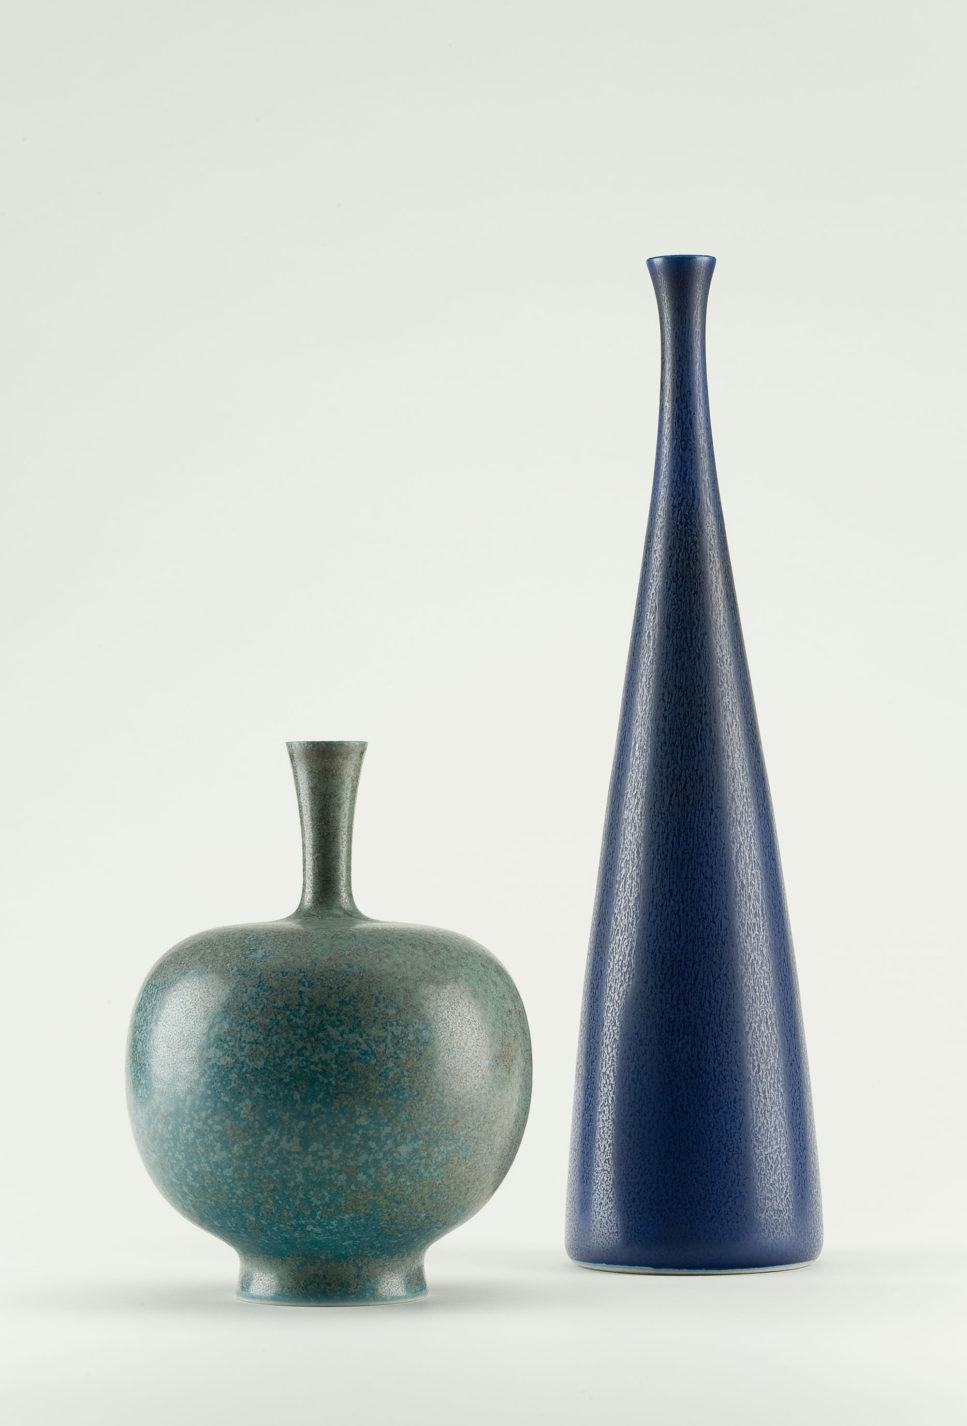 Deux vases en grès émaillé. Un petit, sarcelle, sphérique, à embouchure évasée; et un grand, bleu moyen, en forme de cône allongé, à petit goulot évasé.